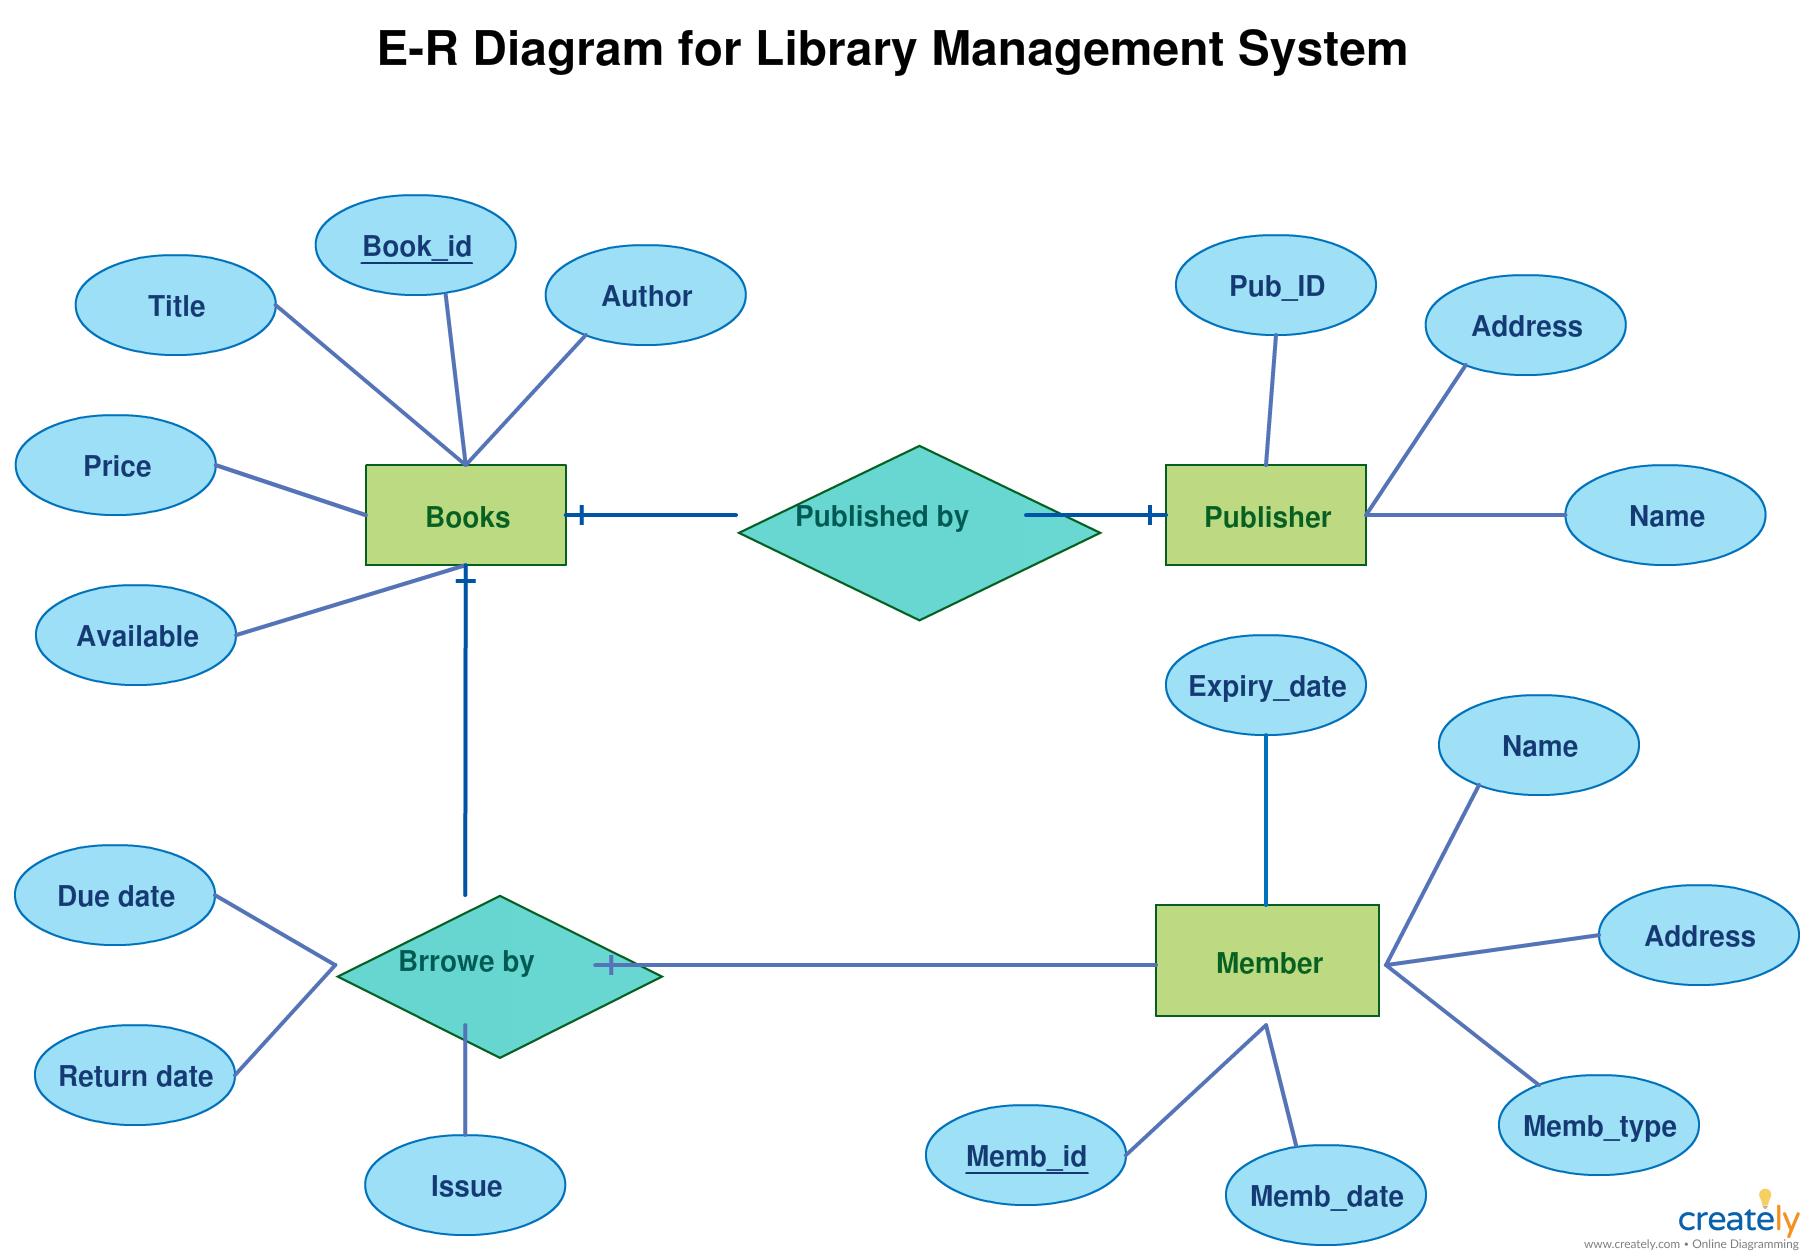 Er Diagram Tutorial | Data Flow Diagram, Diagram, Class Diagram regarding How To Make Er Diagram